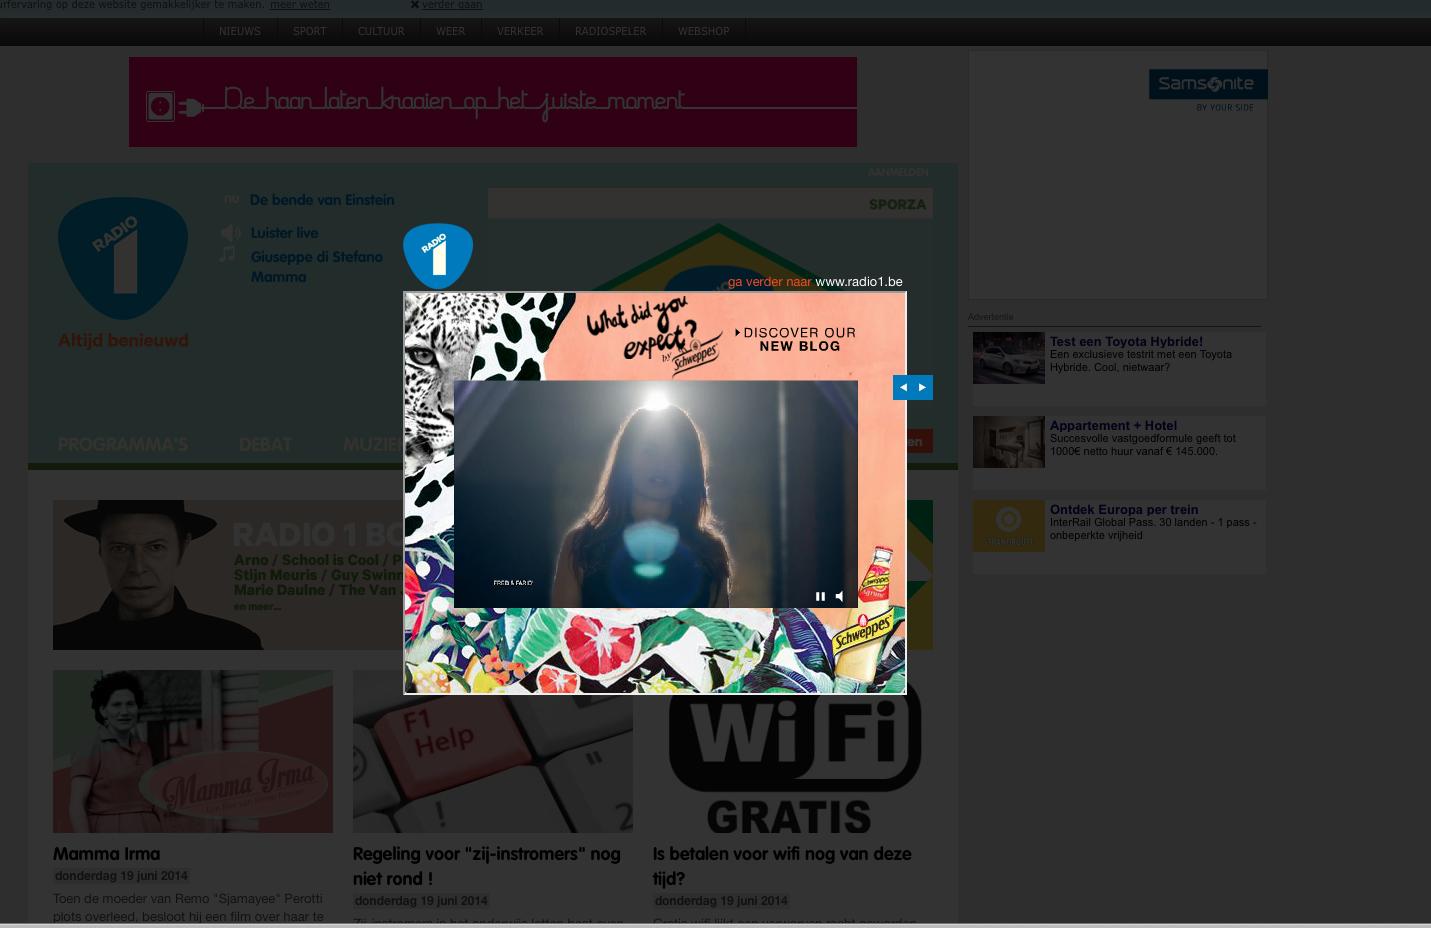 pop-up bij inladen radio1.be